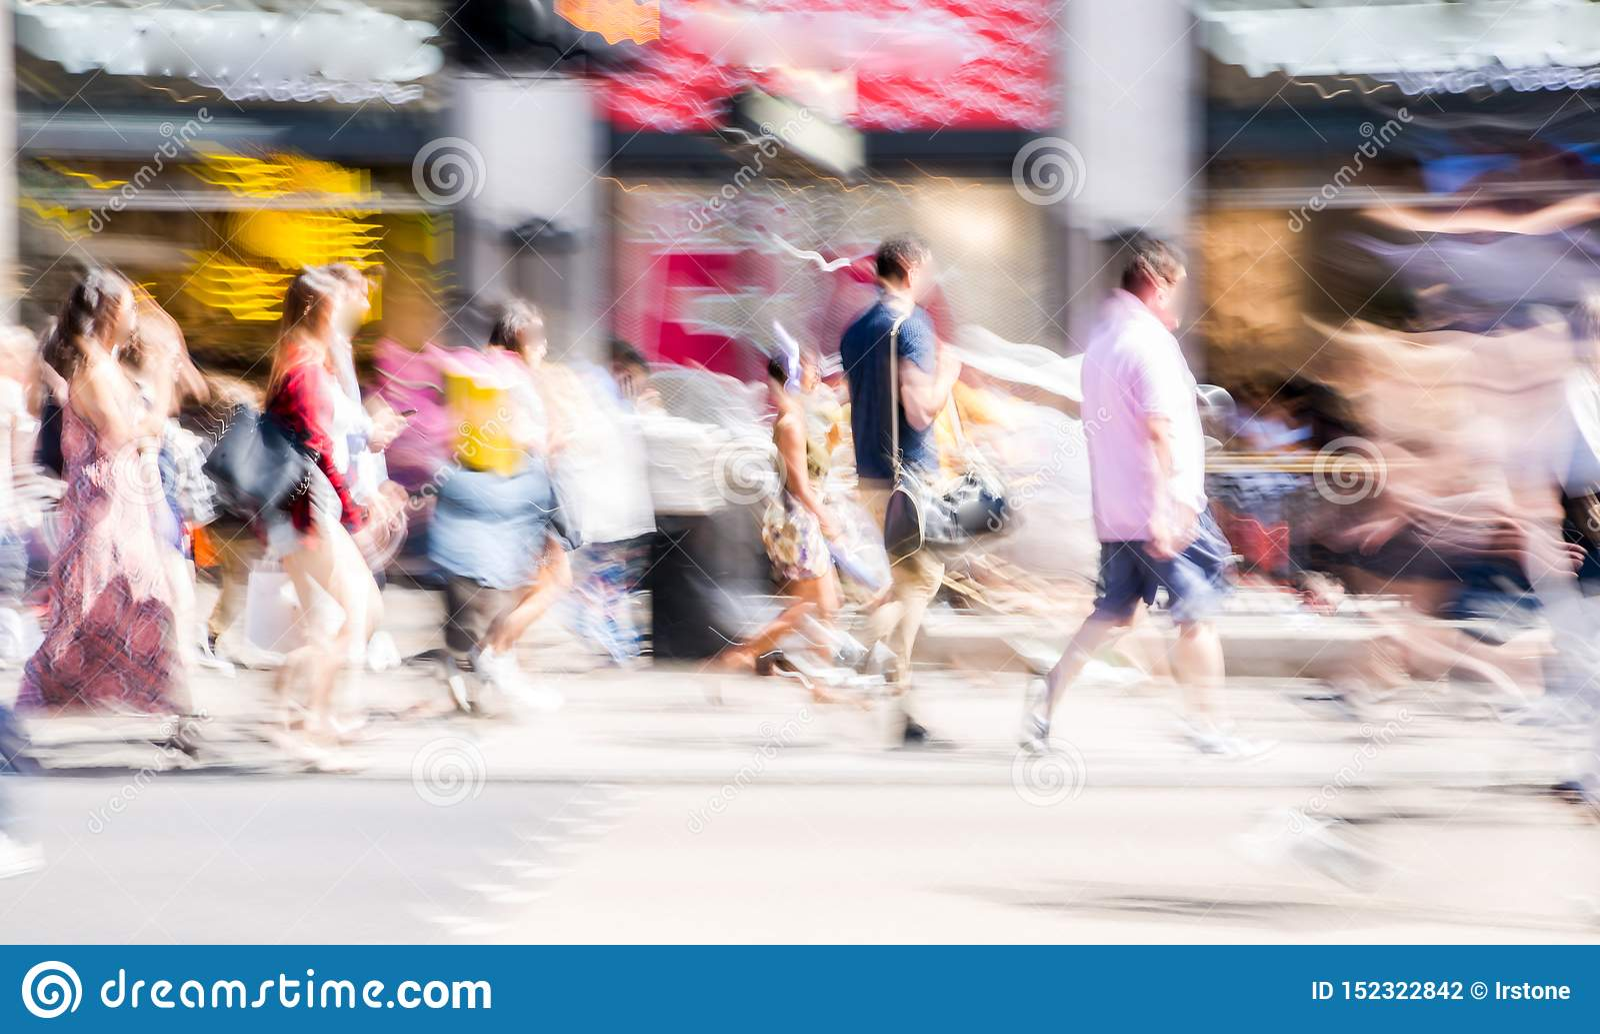 Όμορφη θαμπάδα κινήσεων των ανθρώπων, που περπατά στην οδό αντιβασιλέων στη θερινή ημέρα Πολυάσχολη ζωή του κεφαλαίου UK, Λονδίνο